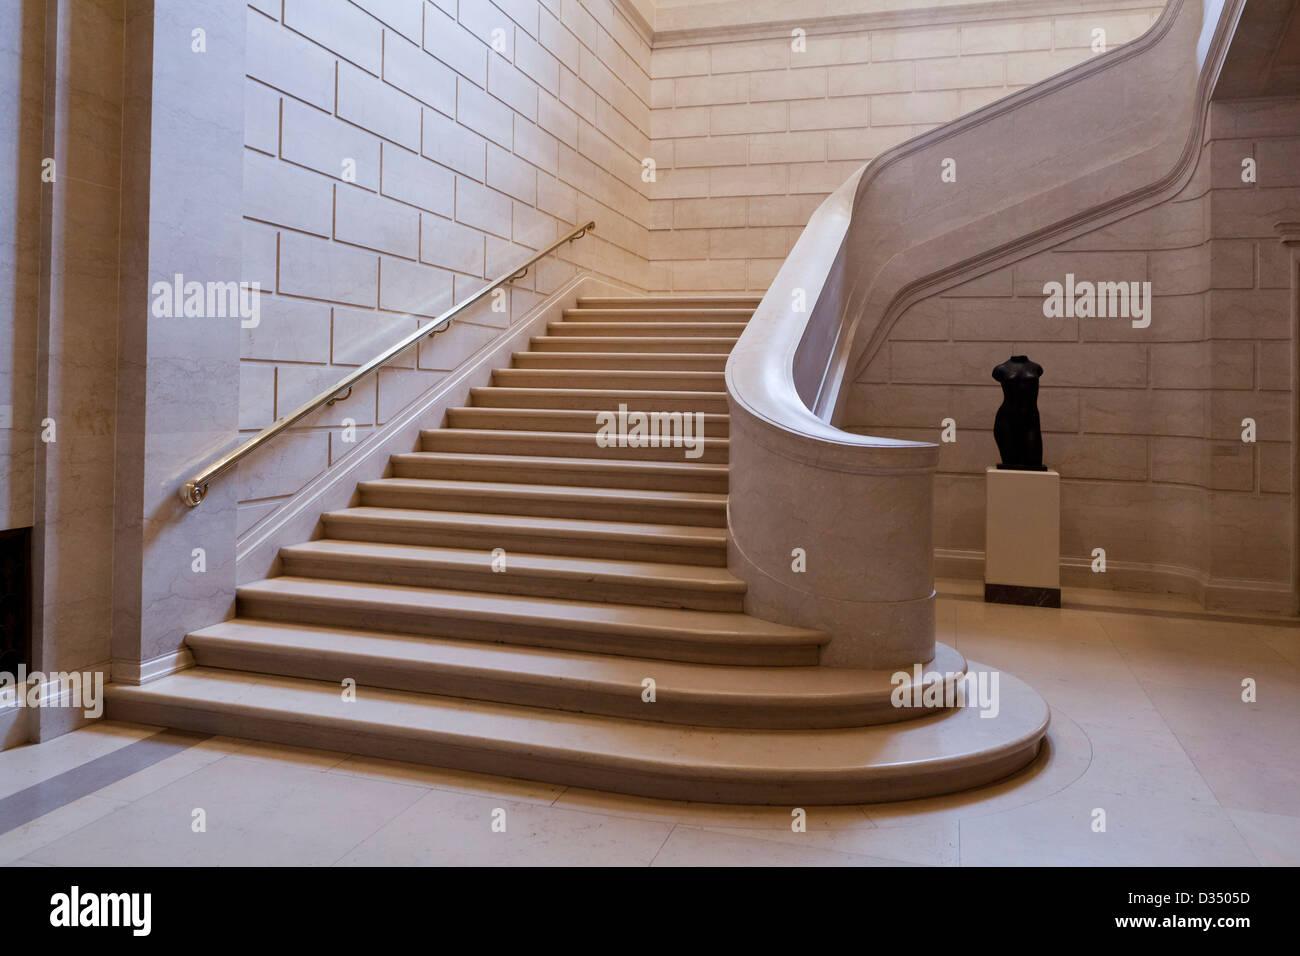 Escalier en marbre Photo Stock